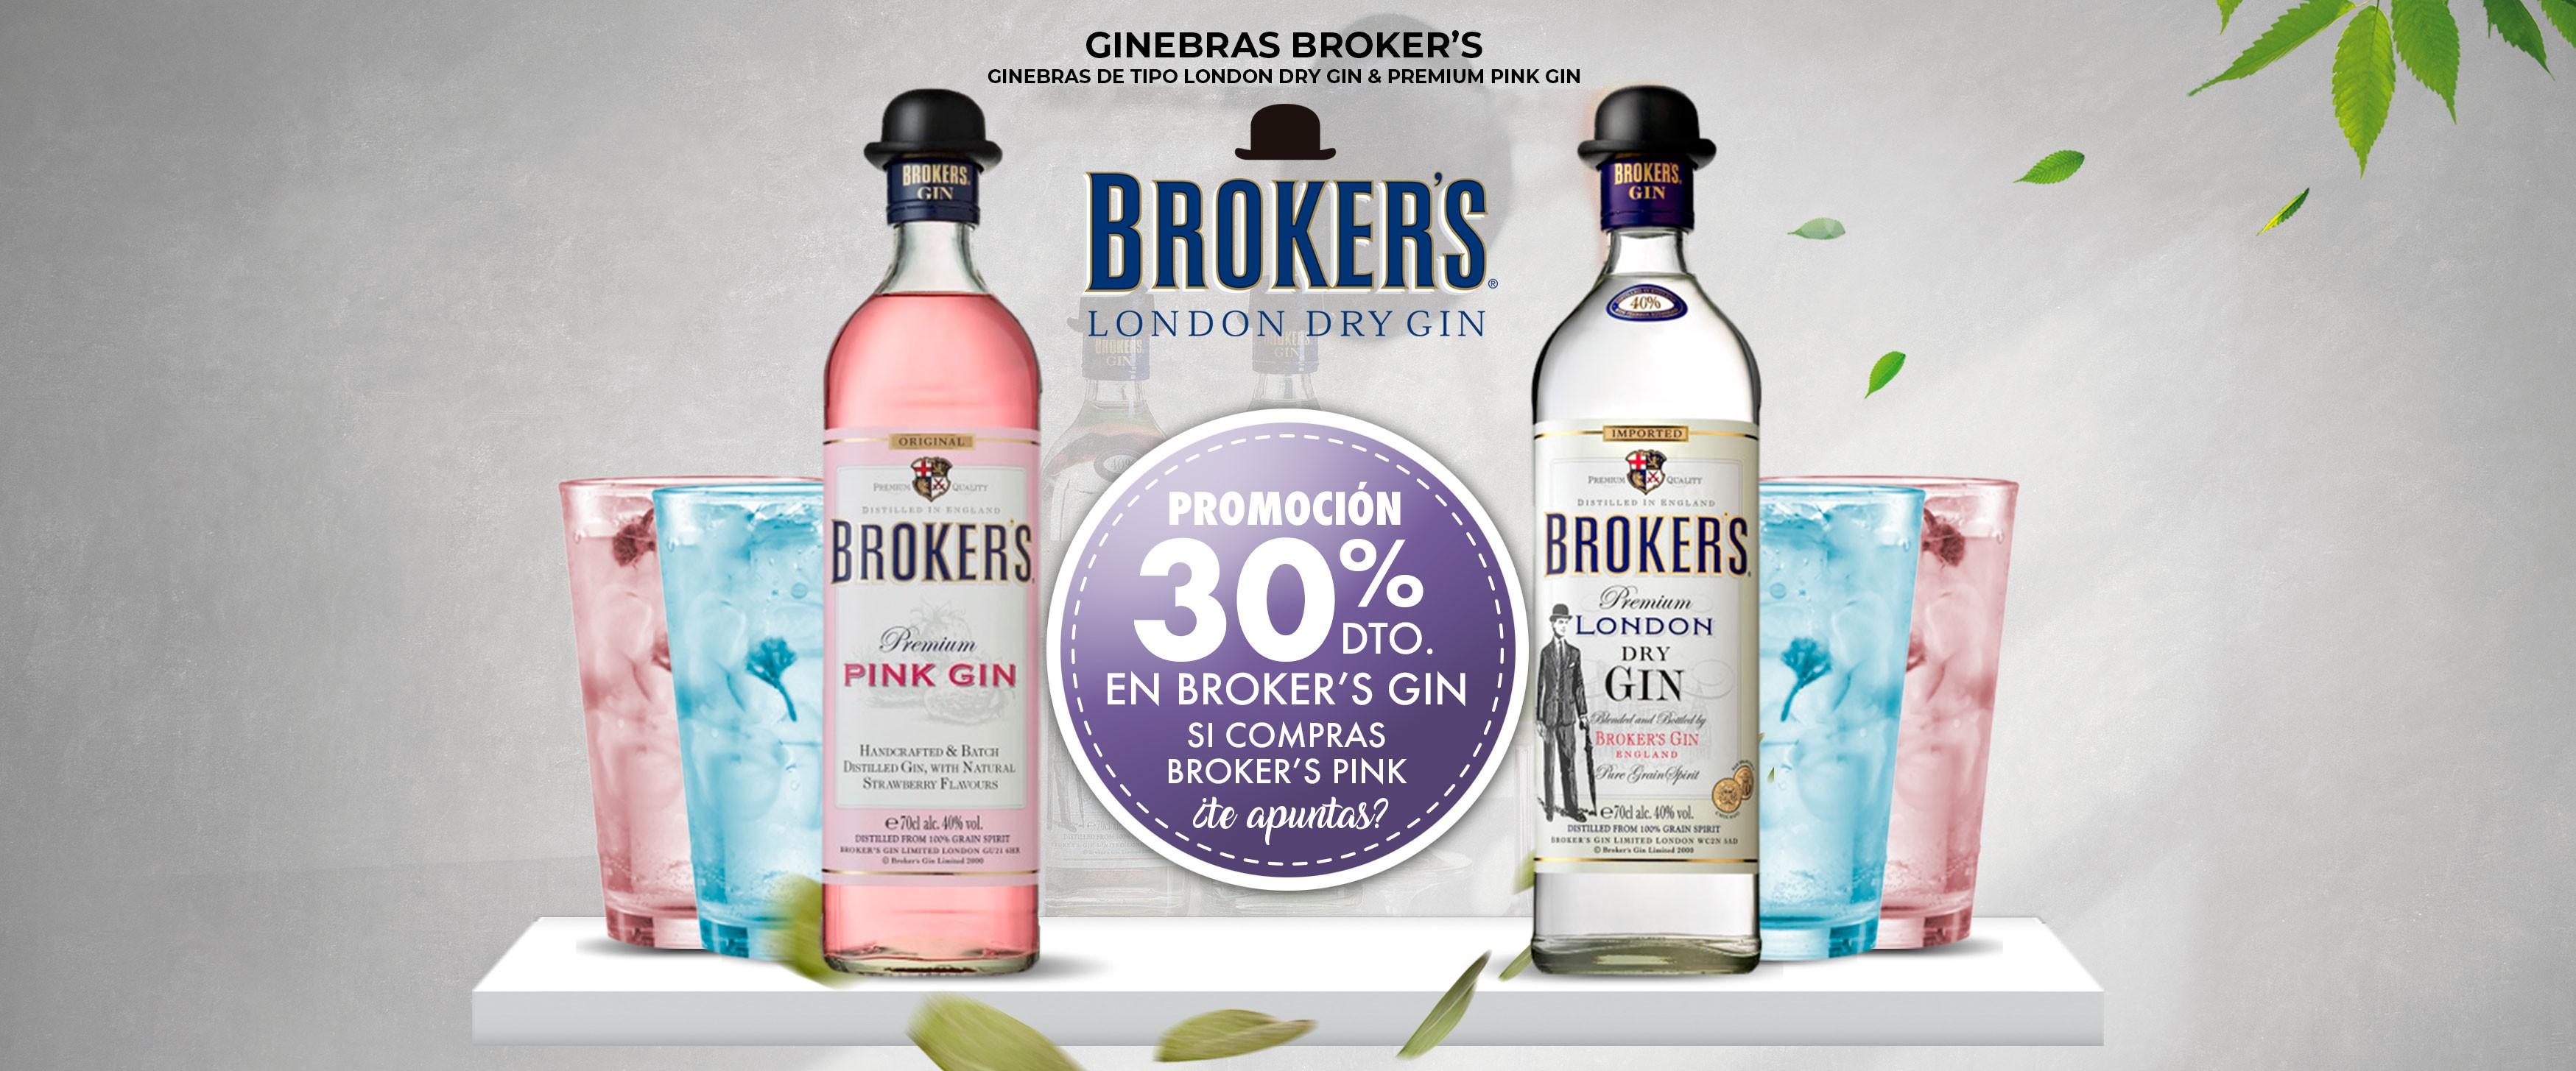 descuento ginebra Brokers